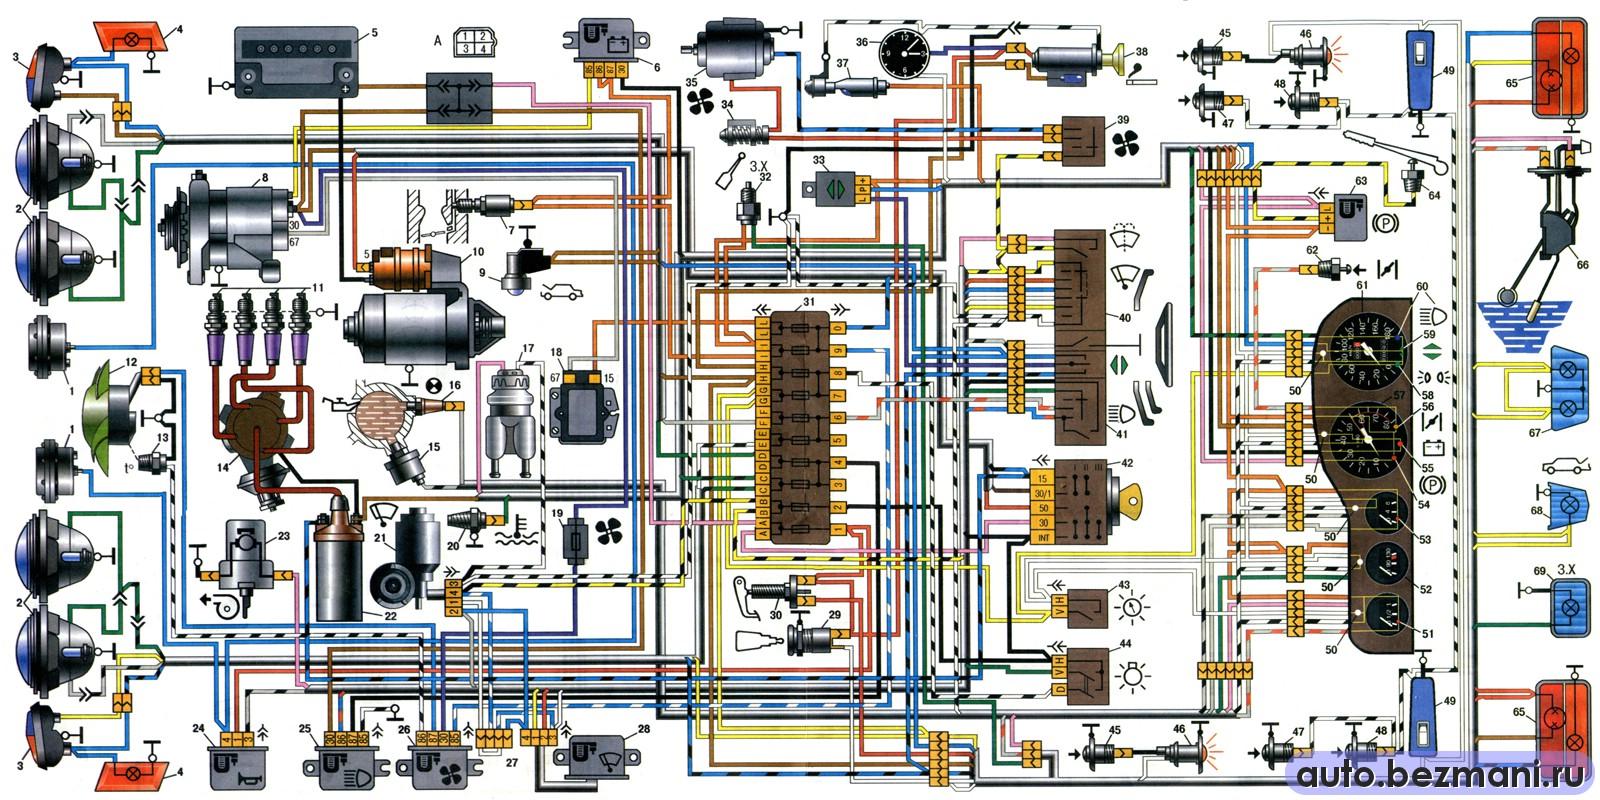 Cхема электооборудования ВАЗ 2103.